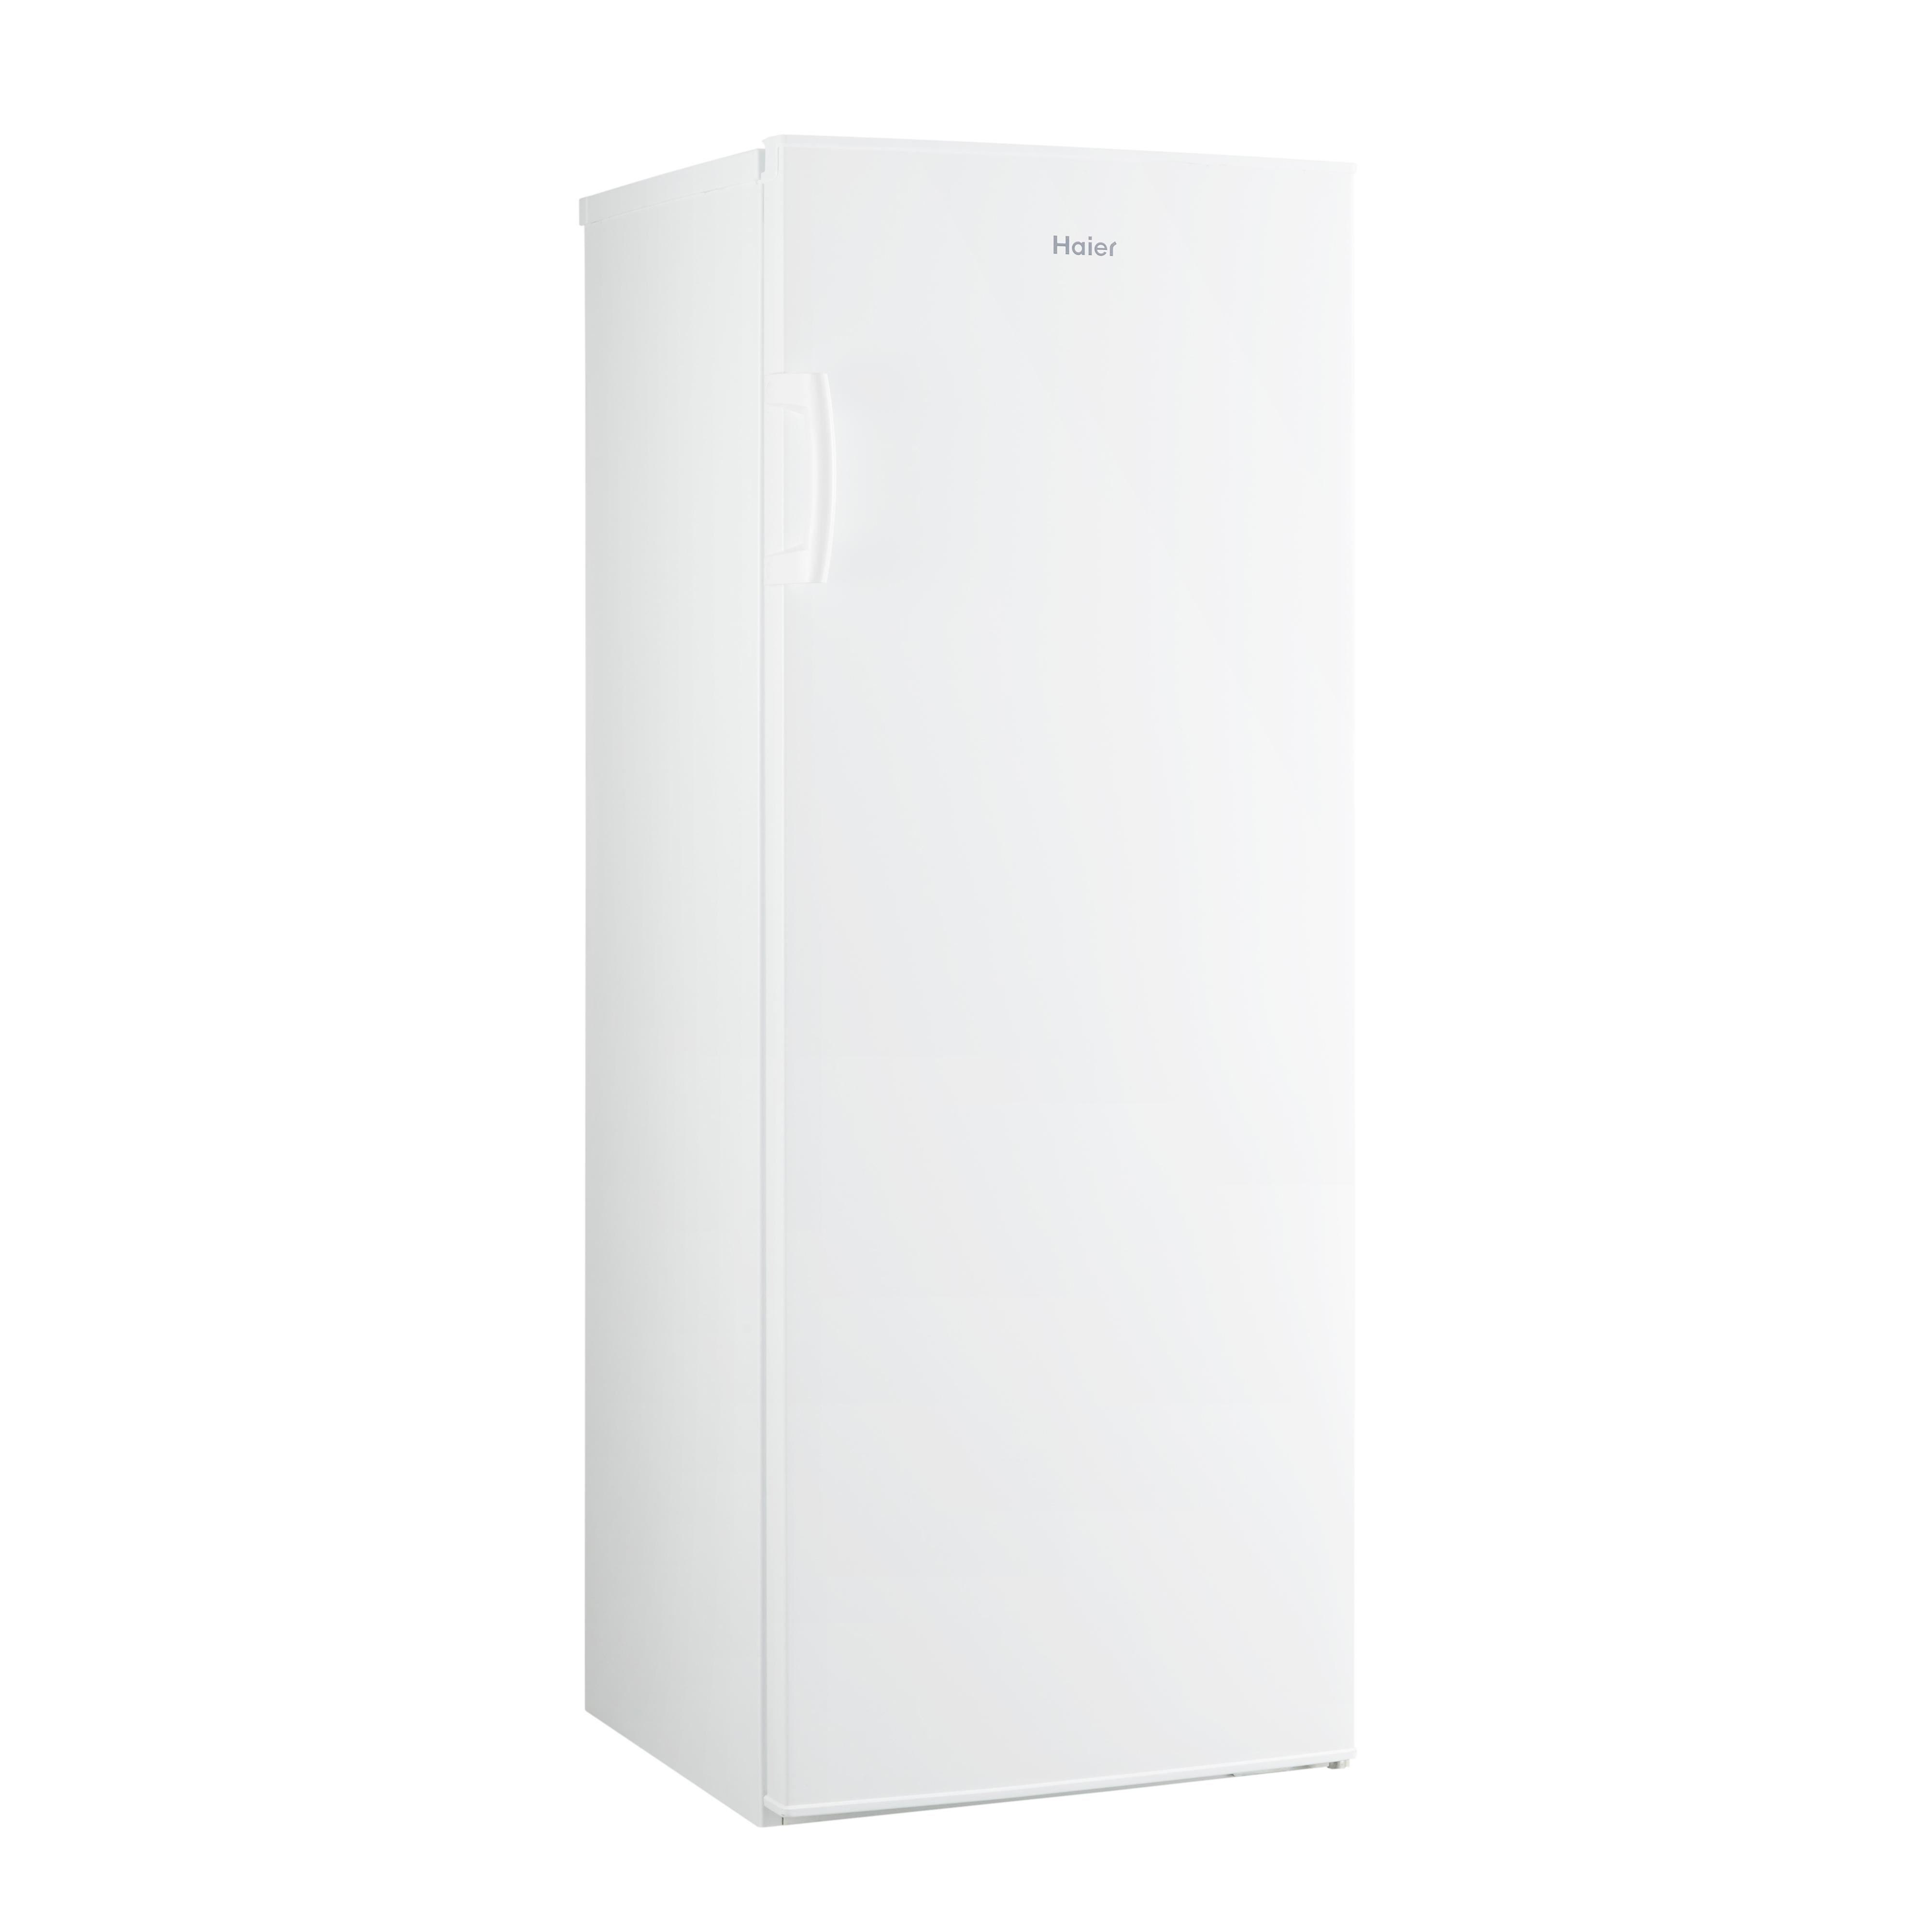 하이얼 스탠드형 냉동고 다용도 178L 방문설치, HUF190MDW